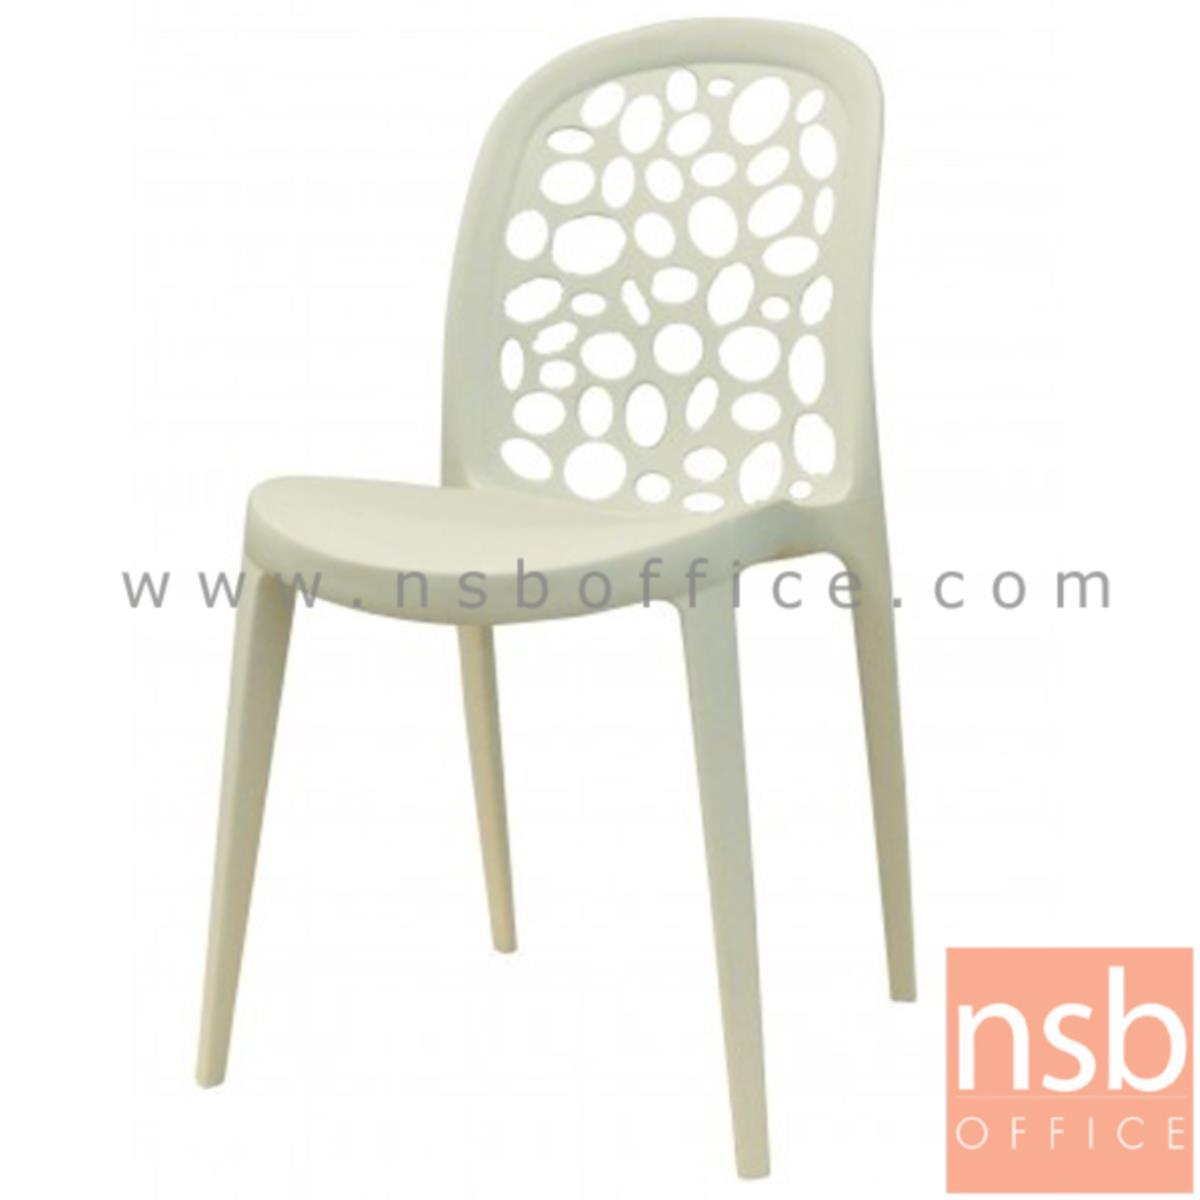 เก้าอี้โมเดิร์นพลาสติกโพลี่ล้วน รุ่น Carney (คาร์นีย์) ขนาด 64W cm.